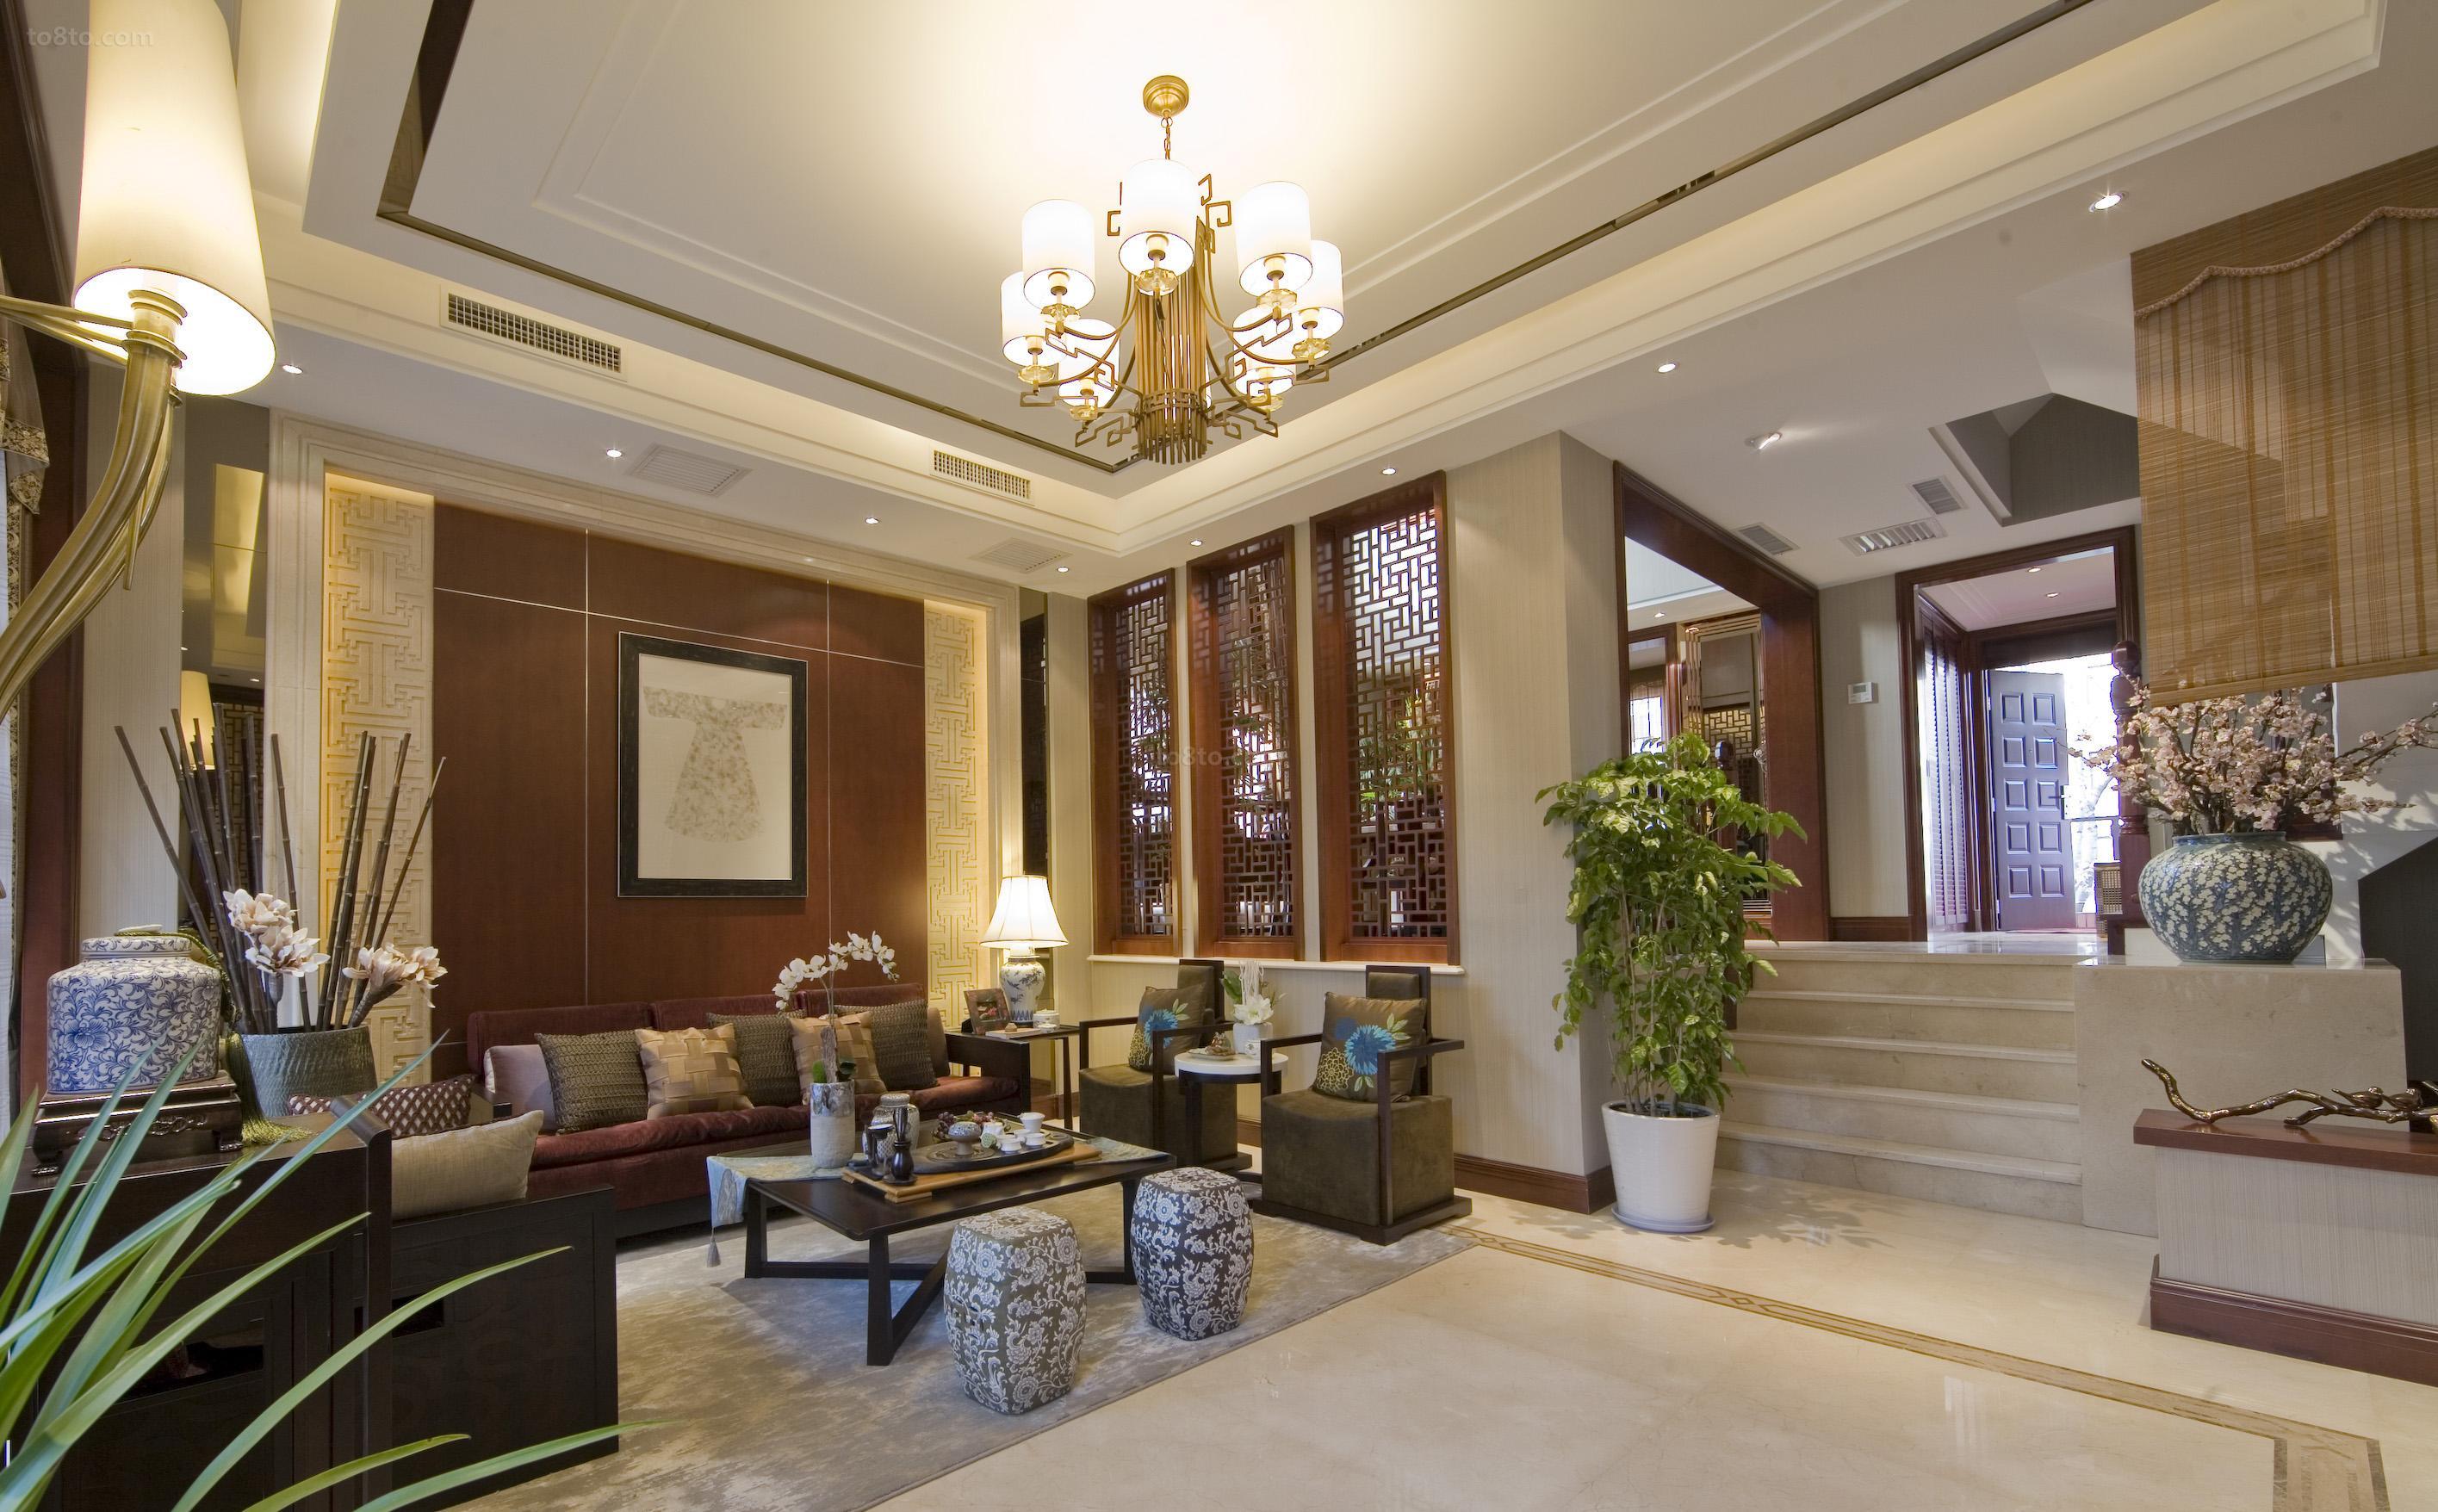 中式风格豪华室内装修效果图